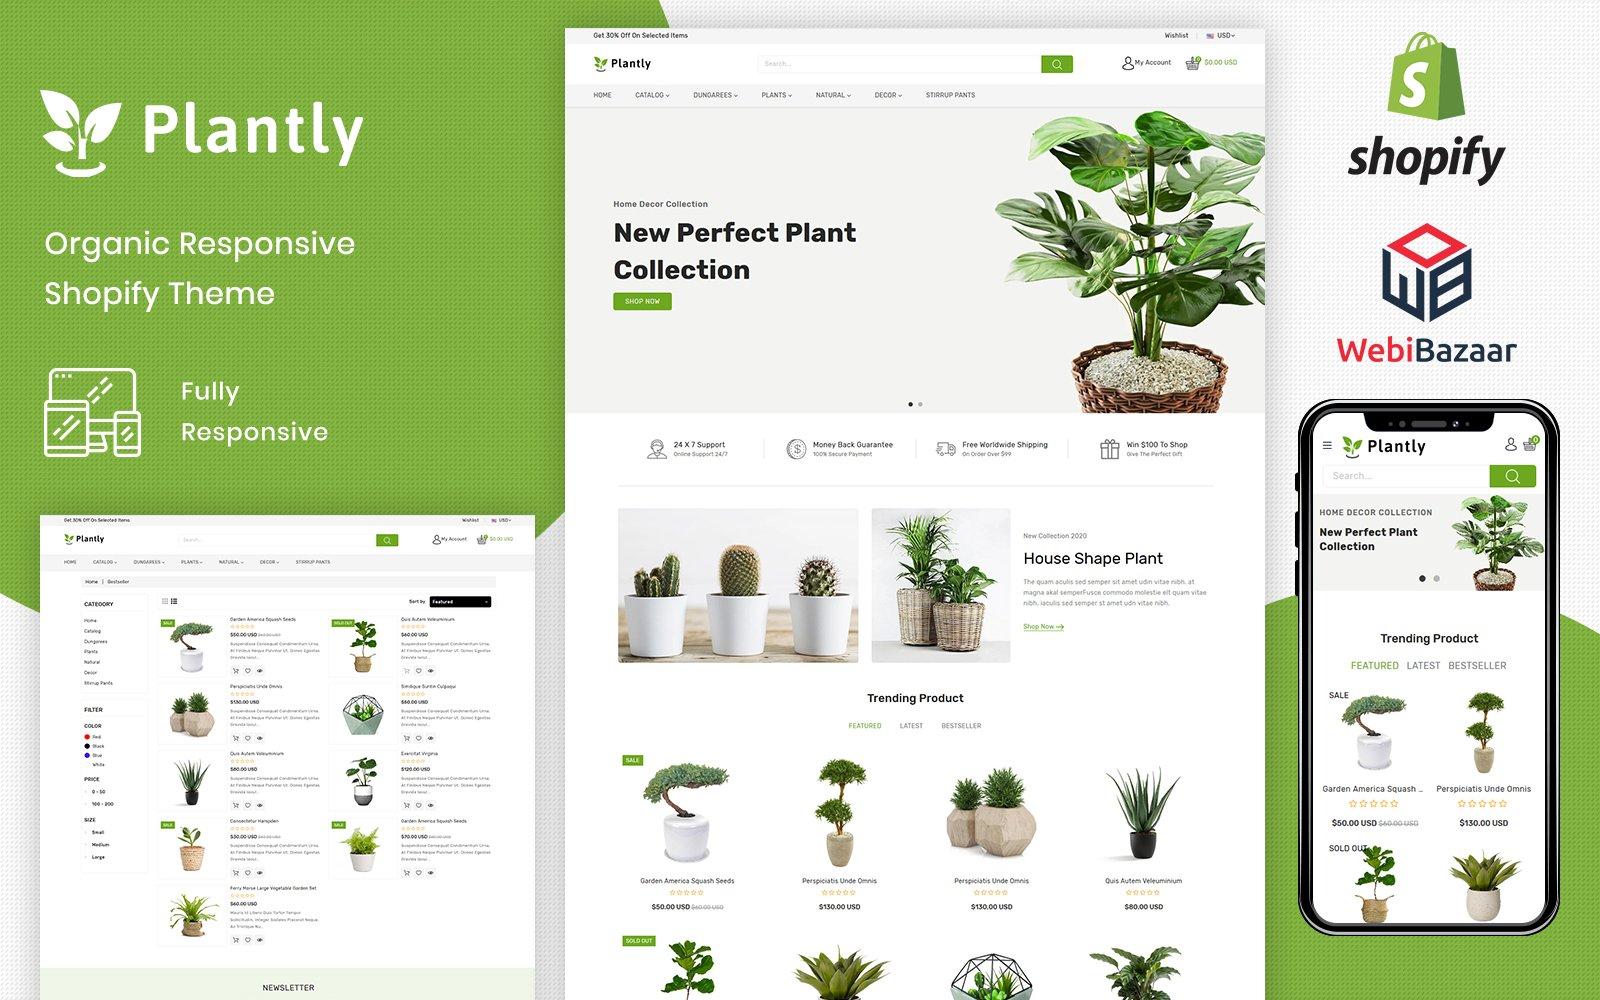 Bootstrap szablon Shopify Plantly - Gardan Furniture Responsive Shopify Template #102227